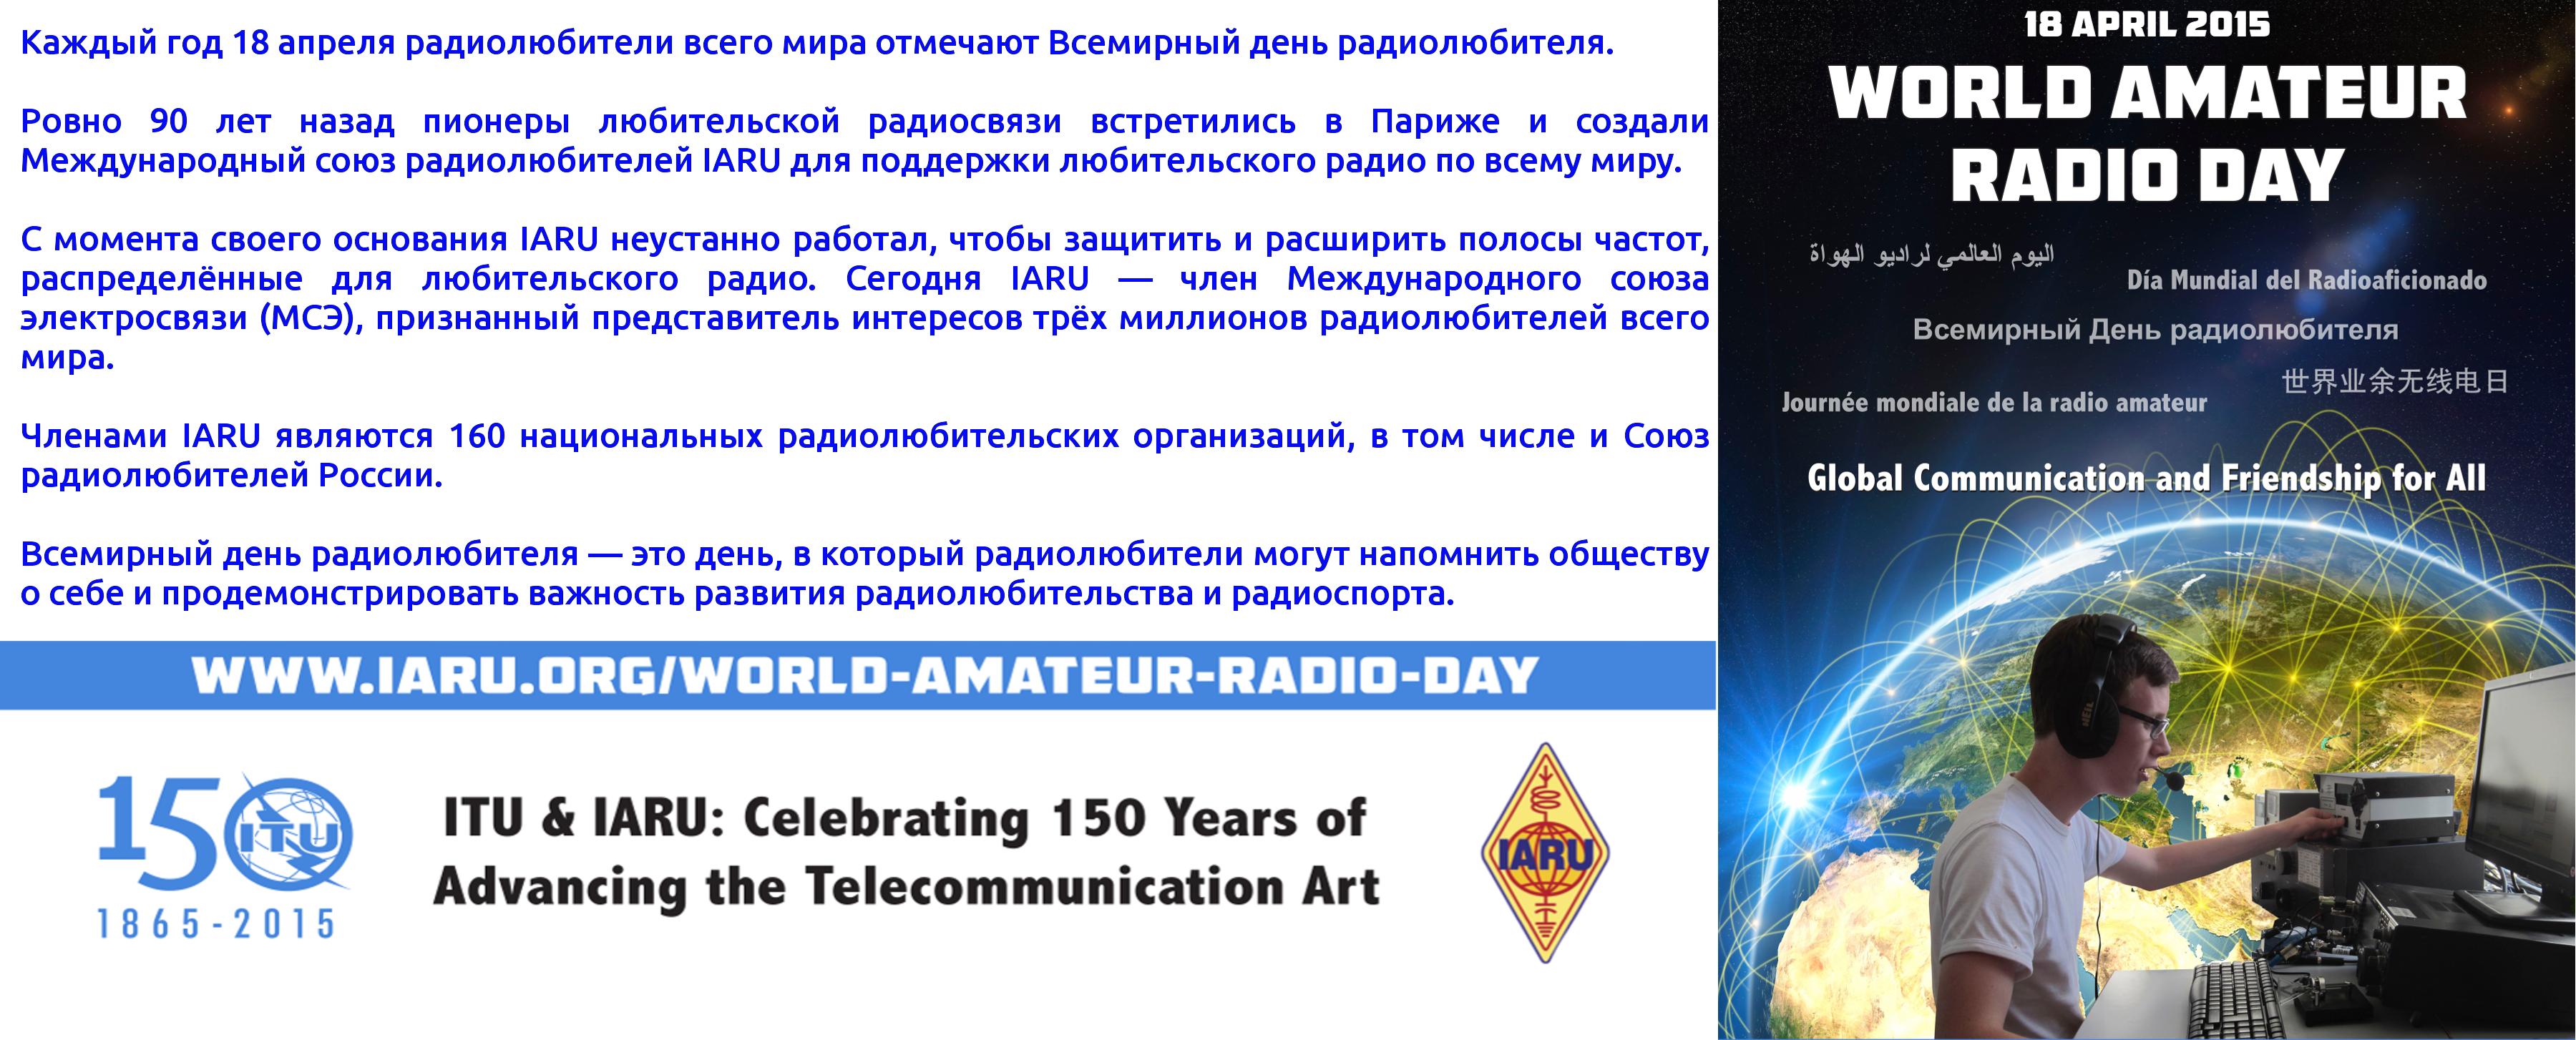 Главная страница - Радио-3 3